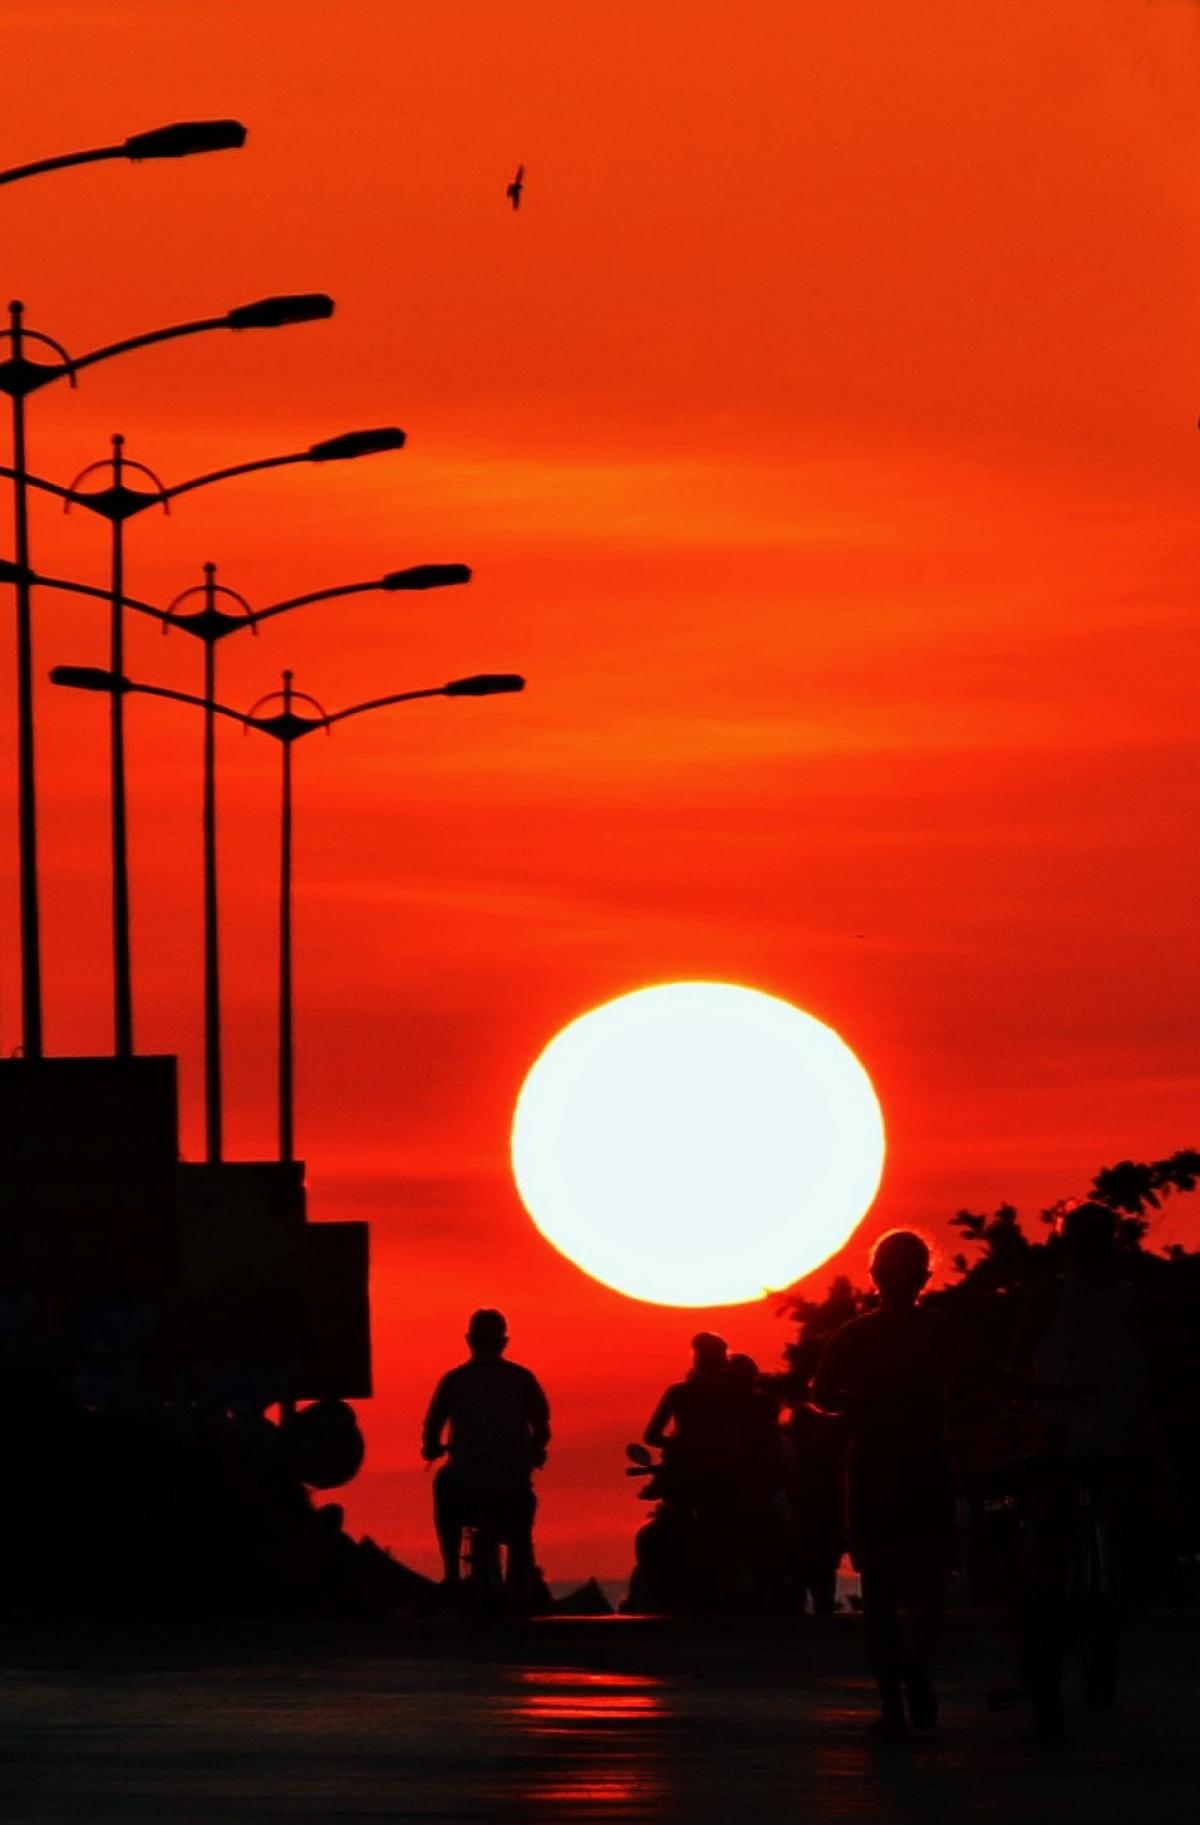 Một cánh chim liệng phía trên những người chạy bộ, đạp xe tập thể dục buổi sáng ở TP.Tuy Hòa, tỉnh lỵ của Phú Yên. Mặt trời mọc rất to, nhưng ánh nắng đầu ngày chưa đủ gay gắt, tạo ra quang cảnh có thể gọi du khách bật dậy khỏi giường.